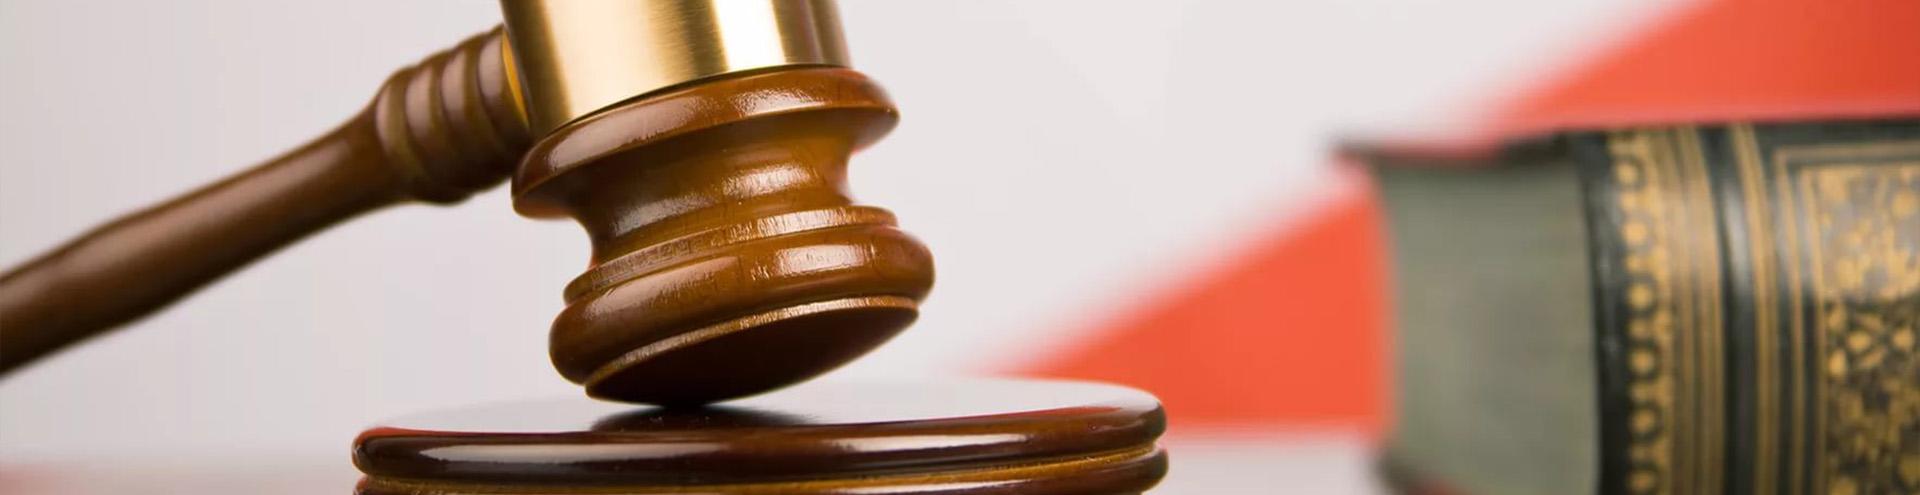 выдача судебного приказа в Пензе и Пензенской области